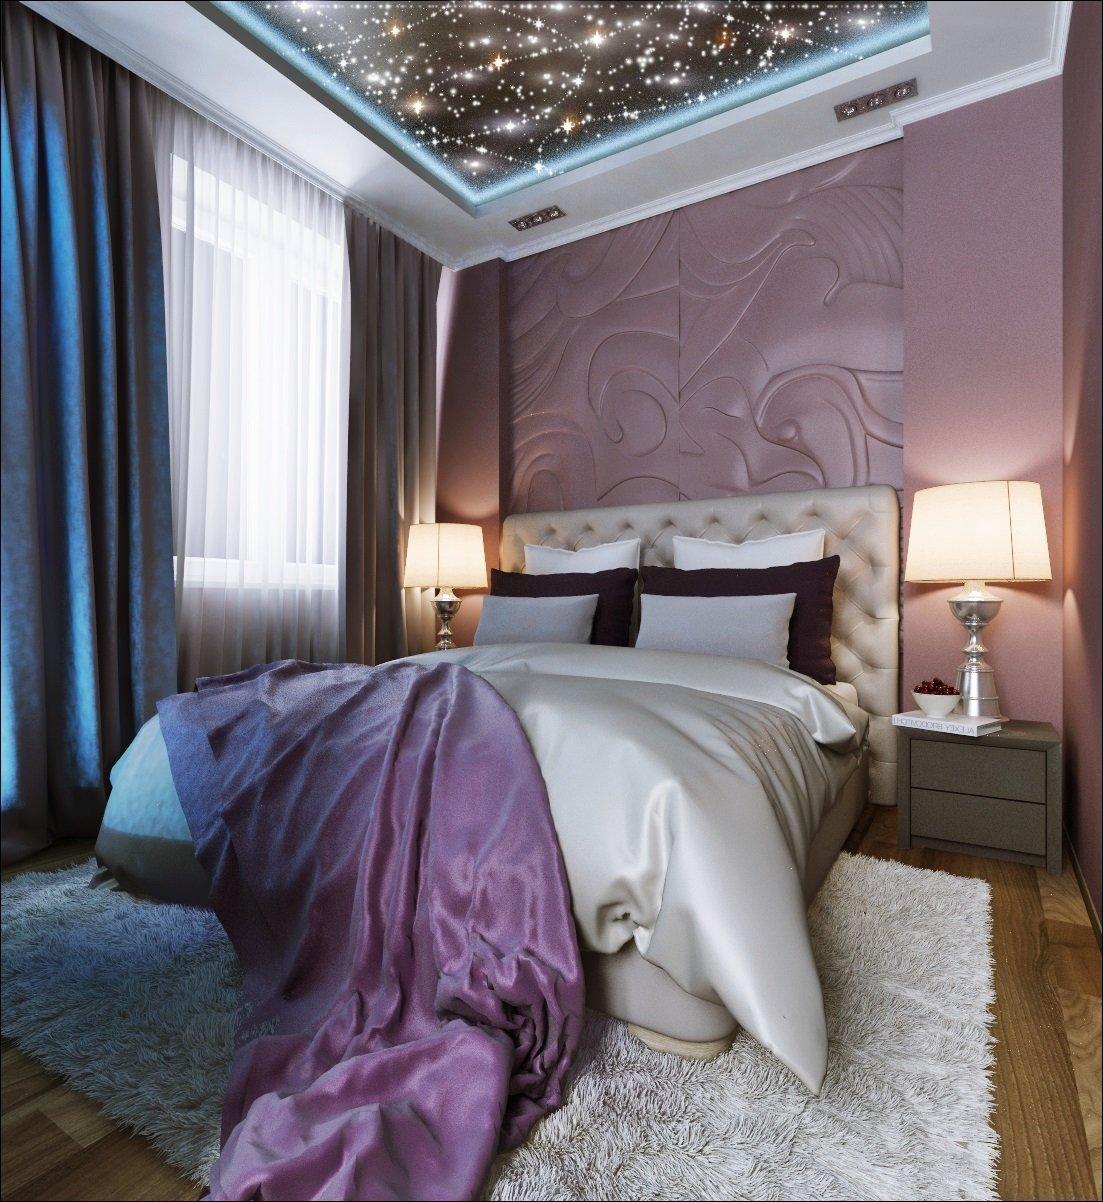 смотреть натяжные потолки фото в спальне лишних декоративных элементов